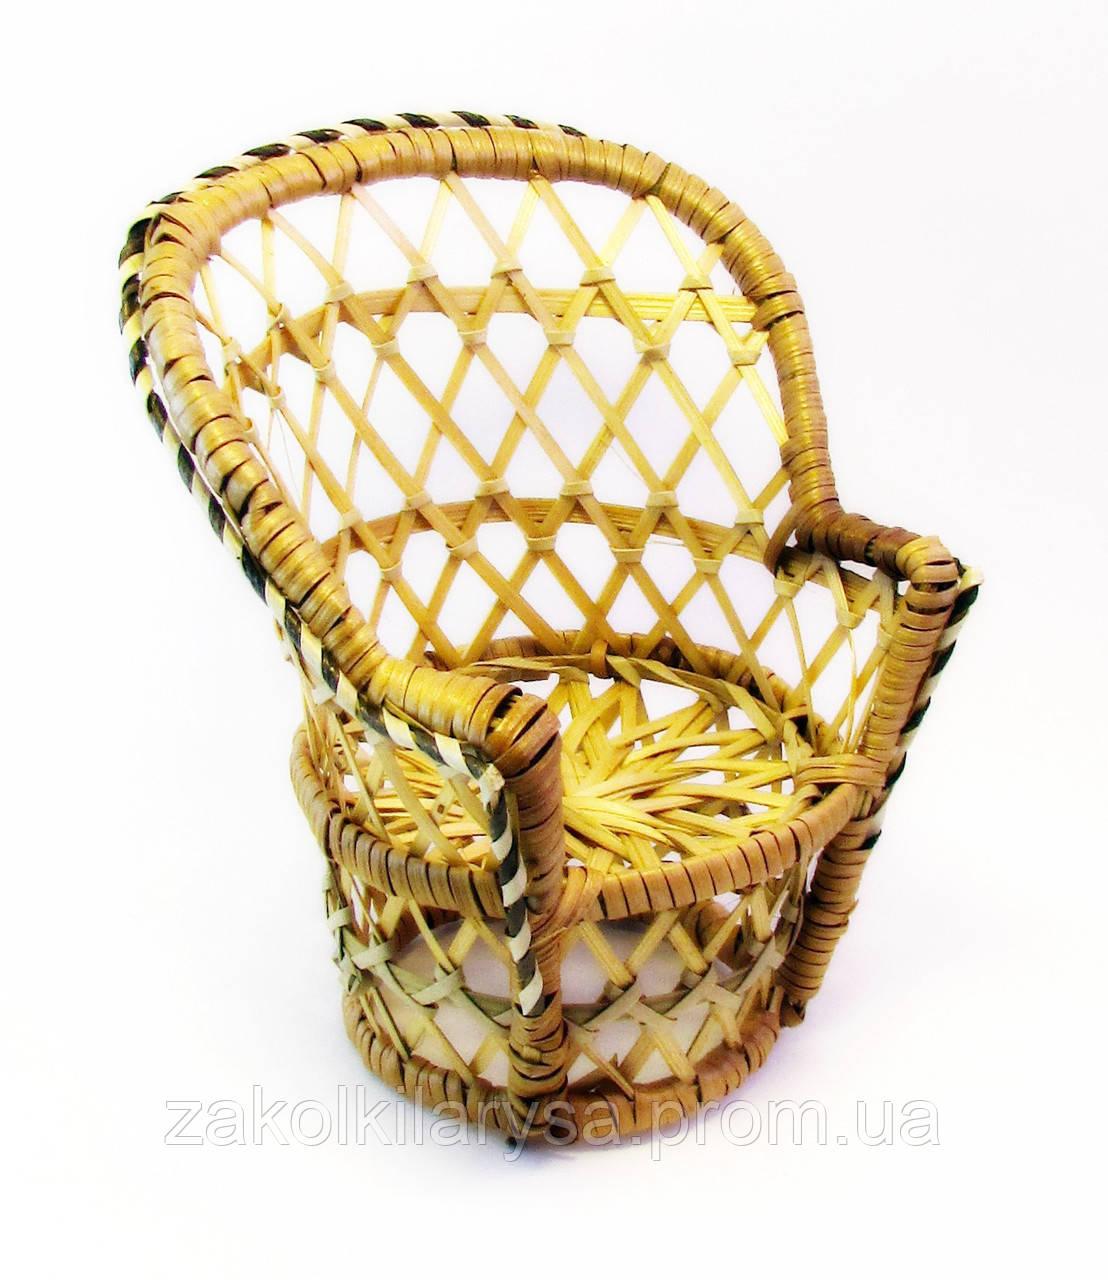 Кресло плетёное-6 шт.- 15,5 см.